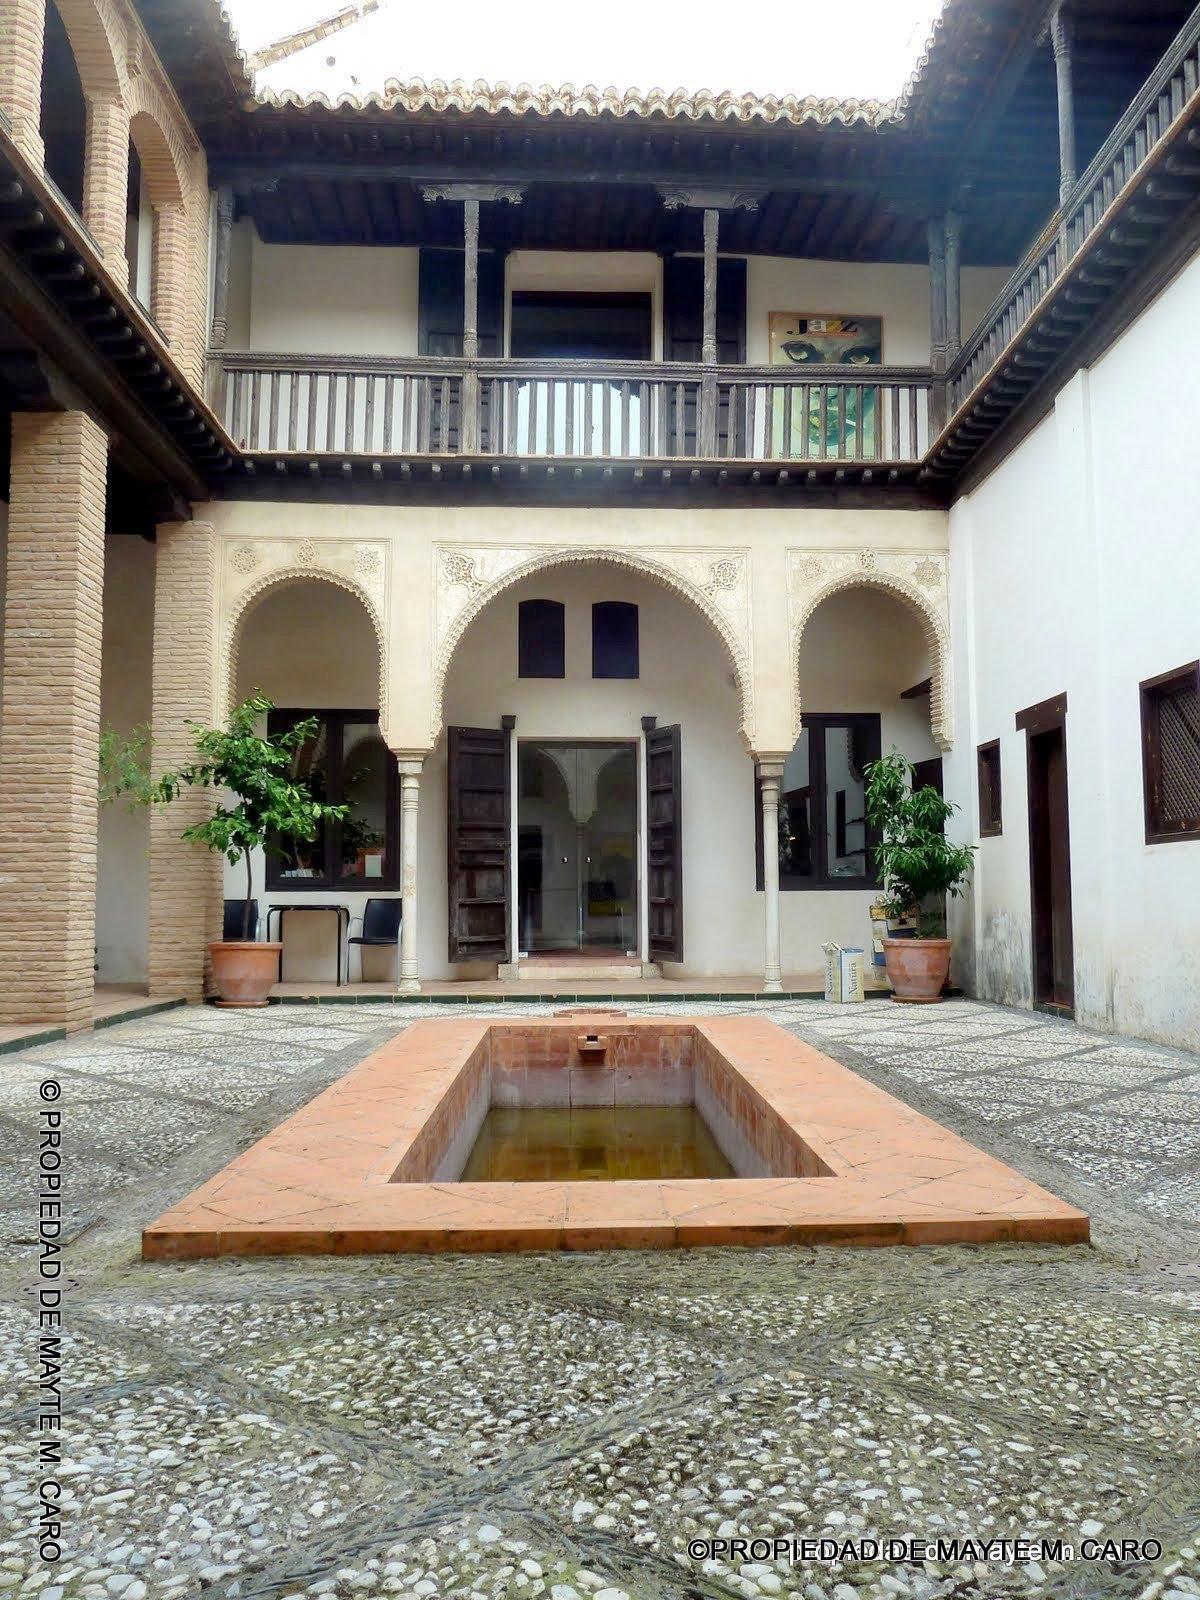 Fuentes de granada casa morisca monumento nacional del siglo xv oficina tecnica de jazzgranada - Casa horno de oro ...